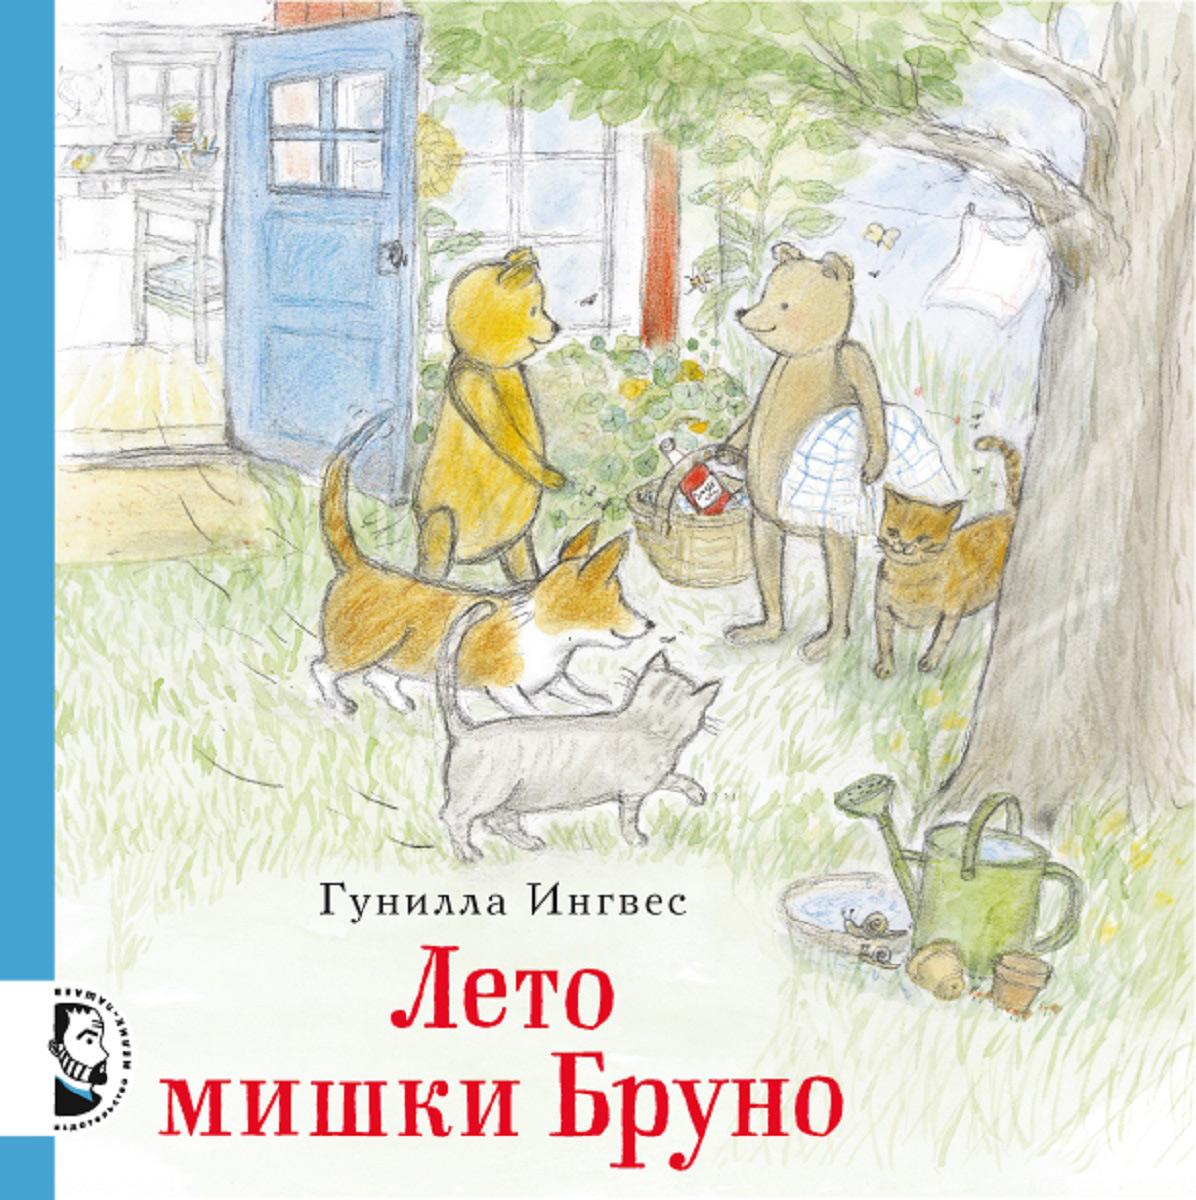 Лето мишки Бруно12296407Мишка Бруно и его собака Лолла - герои 4-х книжек-картинок, созданных современной шведской художницей Гуниллой Ингвес. Каждая книга посвящена одному из времен года - зиме, весне, лету и осени - и в ней описывается один день из жизни героев, наполненный занятиями и развлечениями по сезону. В книге Лето мишки Бруно мишка с собакой с утра трудятся в огороде: пропалывают, поливают, удобряют грядки, косят траву. После работы они идут на речку, купаются, наблюдают за водомерками и жуками-плавунцами, потом собирают в лесу малину и даже находят на тропинке змеиную кожу. А вечером друзья принимают гостей и накрывают стол в саду. Главную историю книги обрамляют записки из дневника наблюдений Мишки Бруно. В них содержится множество зарисовок и познавательных сведений из мира окружающей природы определенного времени года. Первый дневниковый разворот Лета мишки Бруно посвящен садоводству: как правильно приготовить удобрение из крапивы, где именно лучше косить траву и зачем...